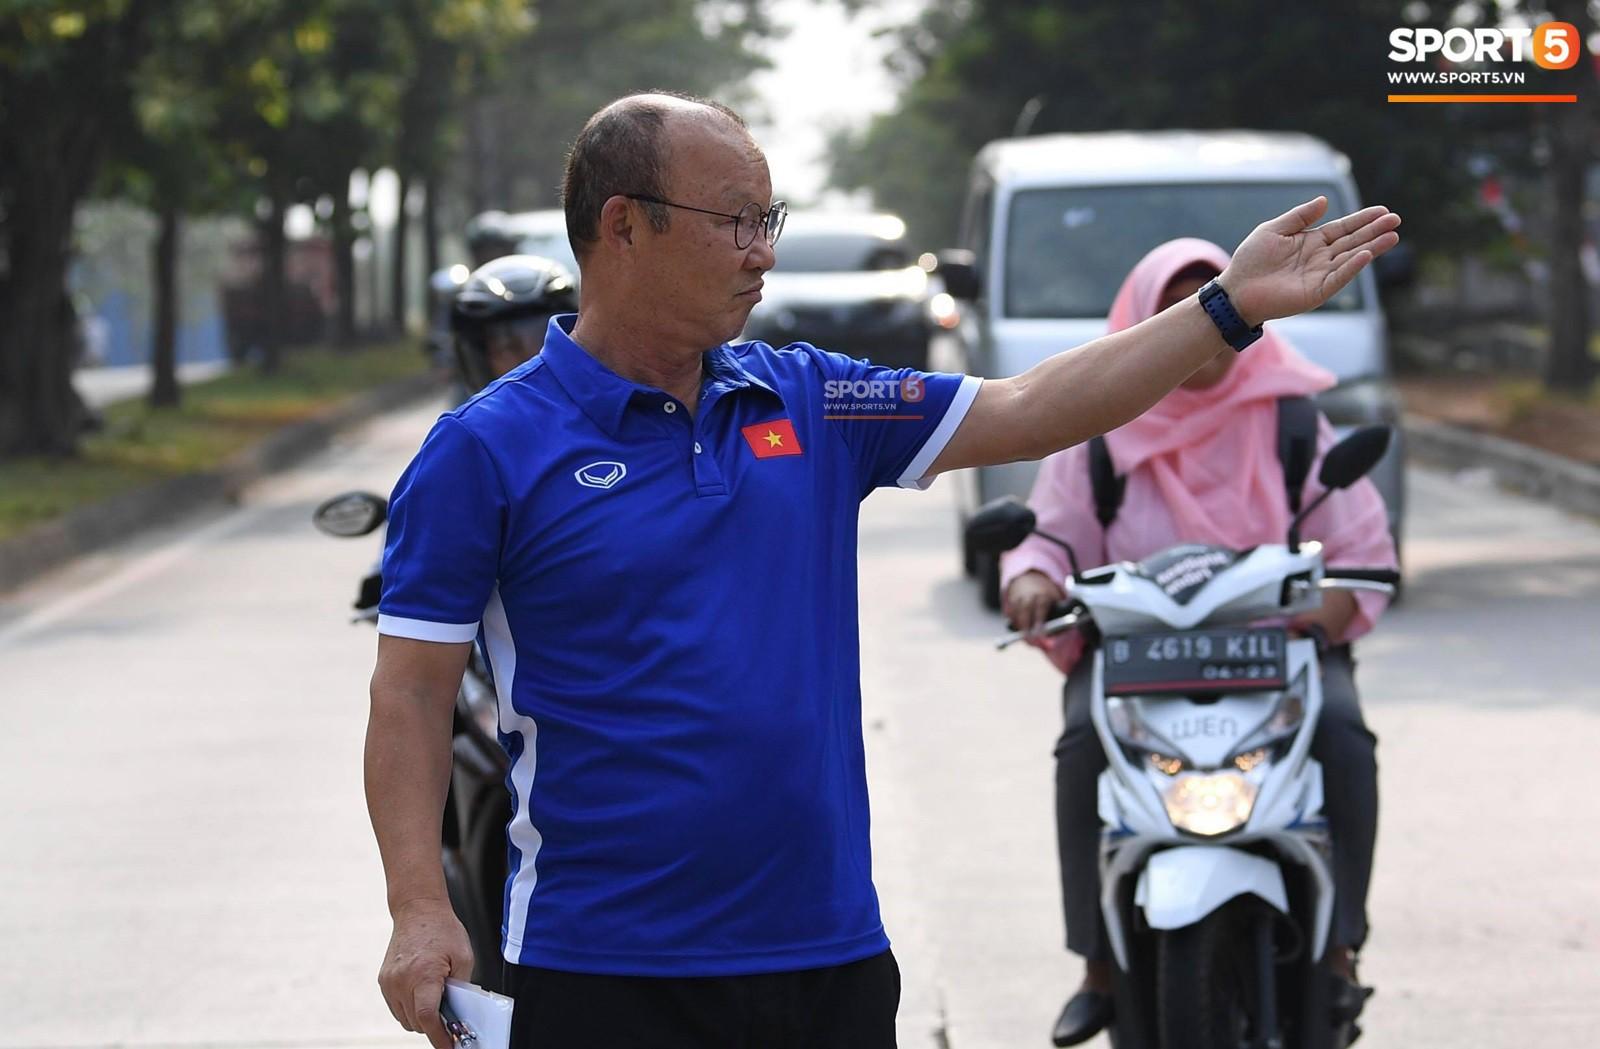 HLV Park Hang Seo cẩn thận cùng ban huấn luyện ngăn xe cho học trò băng qua đường tập luyện - Ảnh 3.